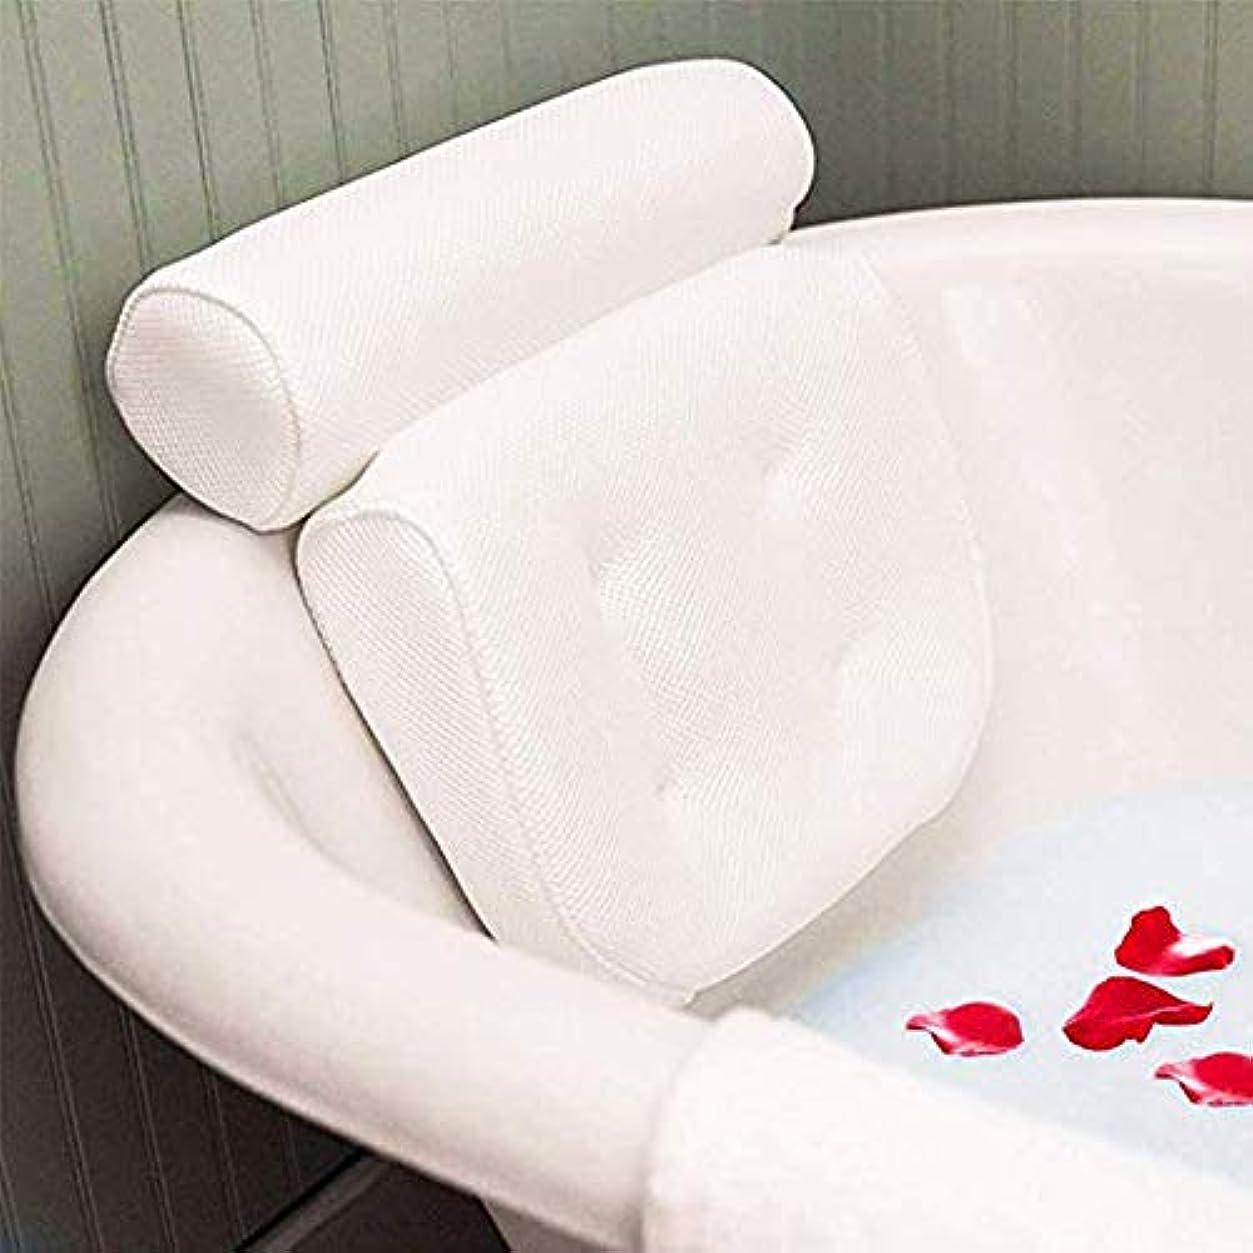 火炎魅力的であることへのアピール省頭、首、肩と背中のサポートが付いている浴槽スパ枕、滑り止め4大型サクションカップはどんな浴槽にもフィットし、抗菌性です。,White